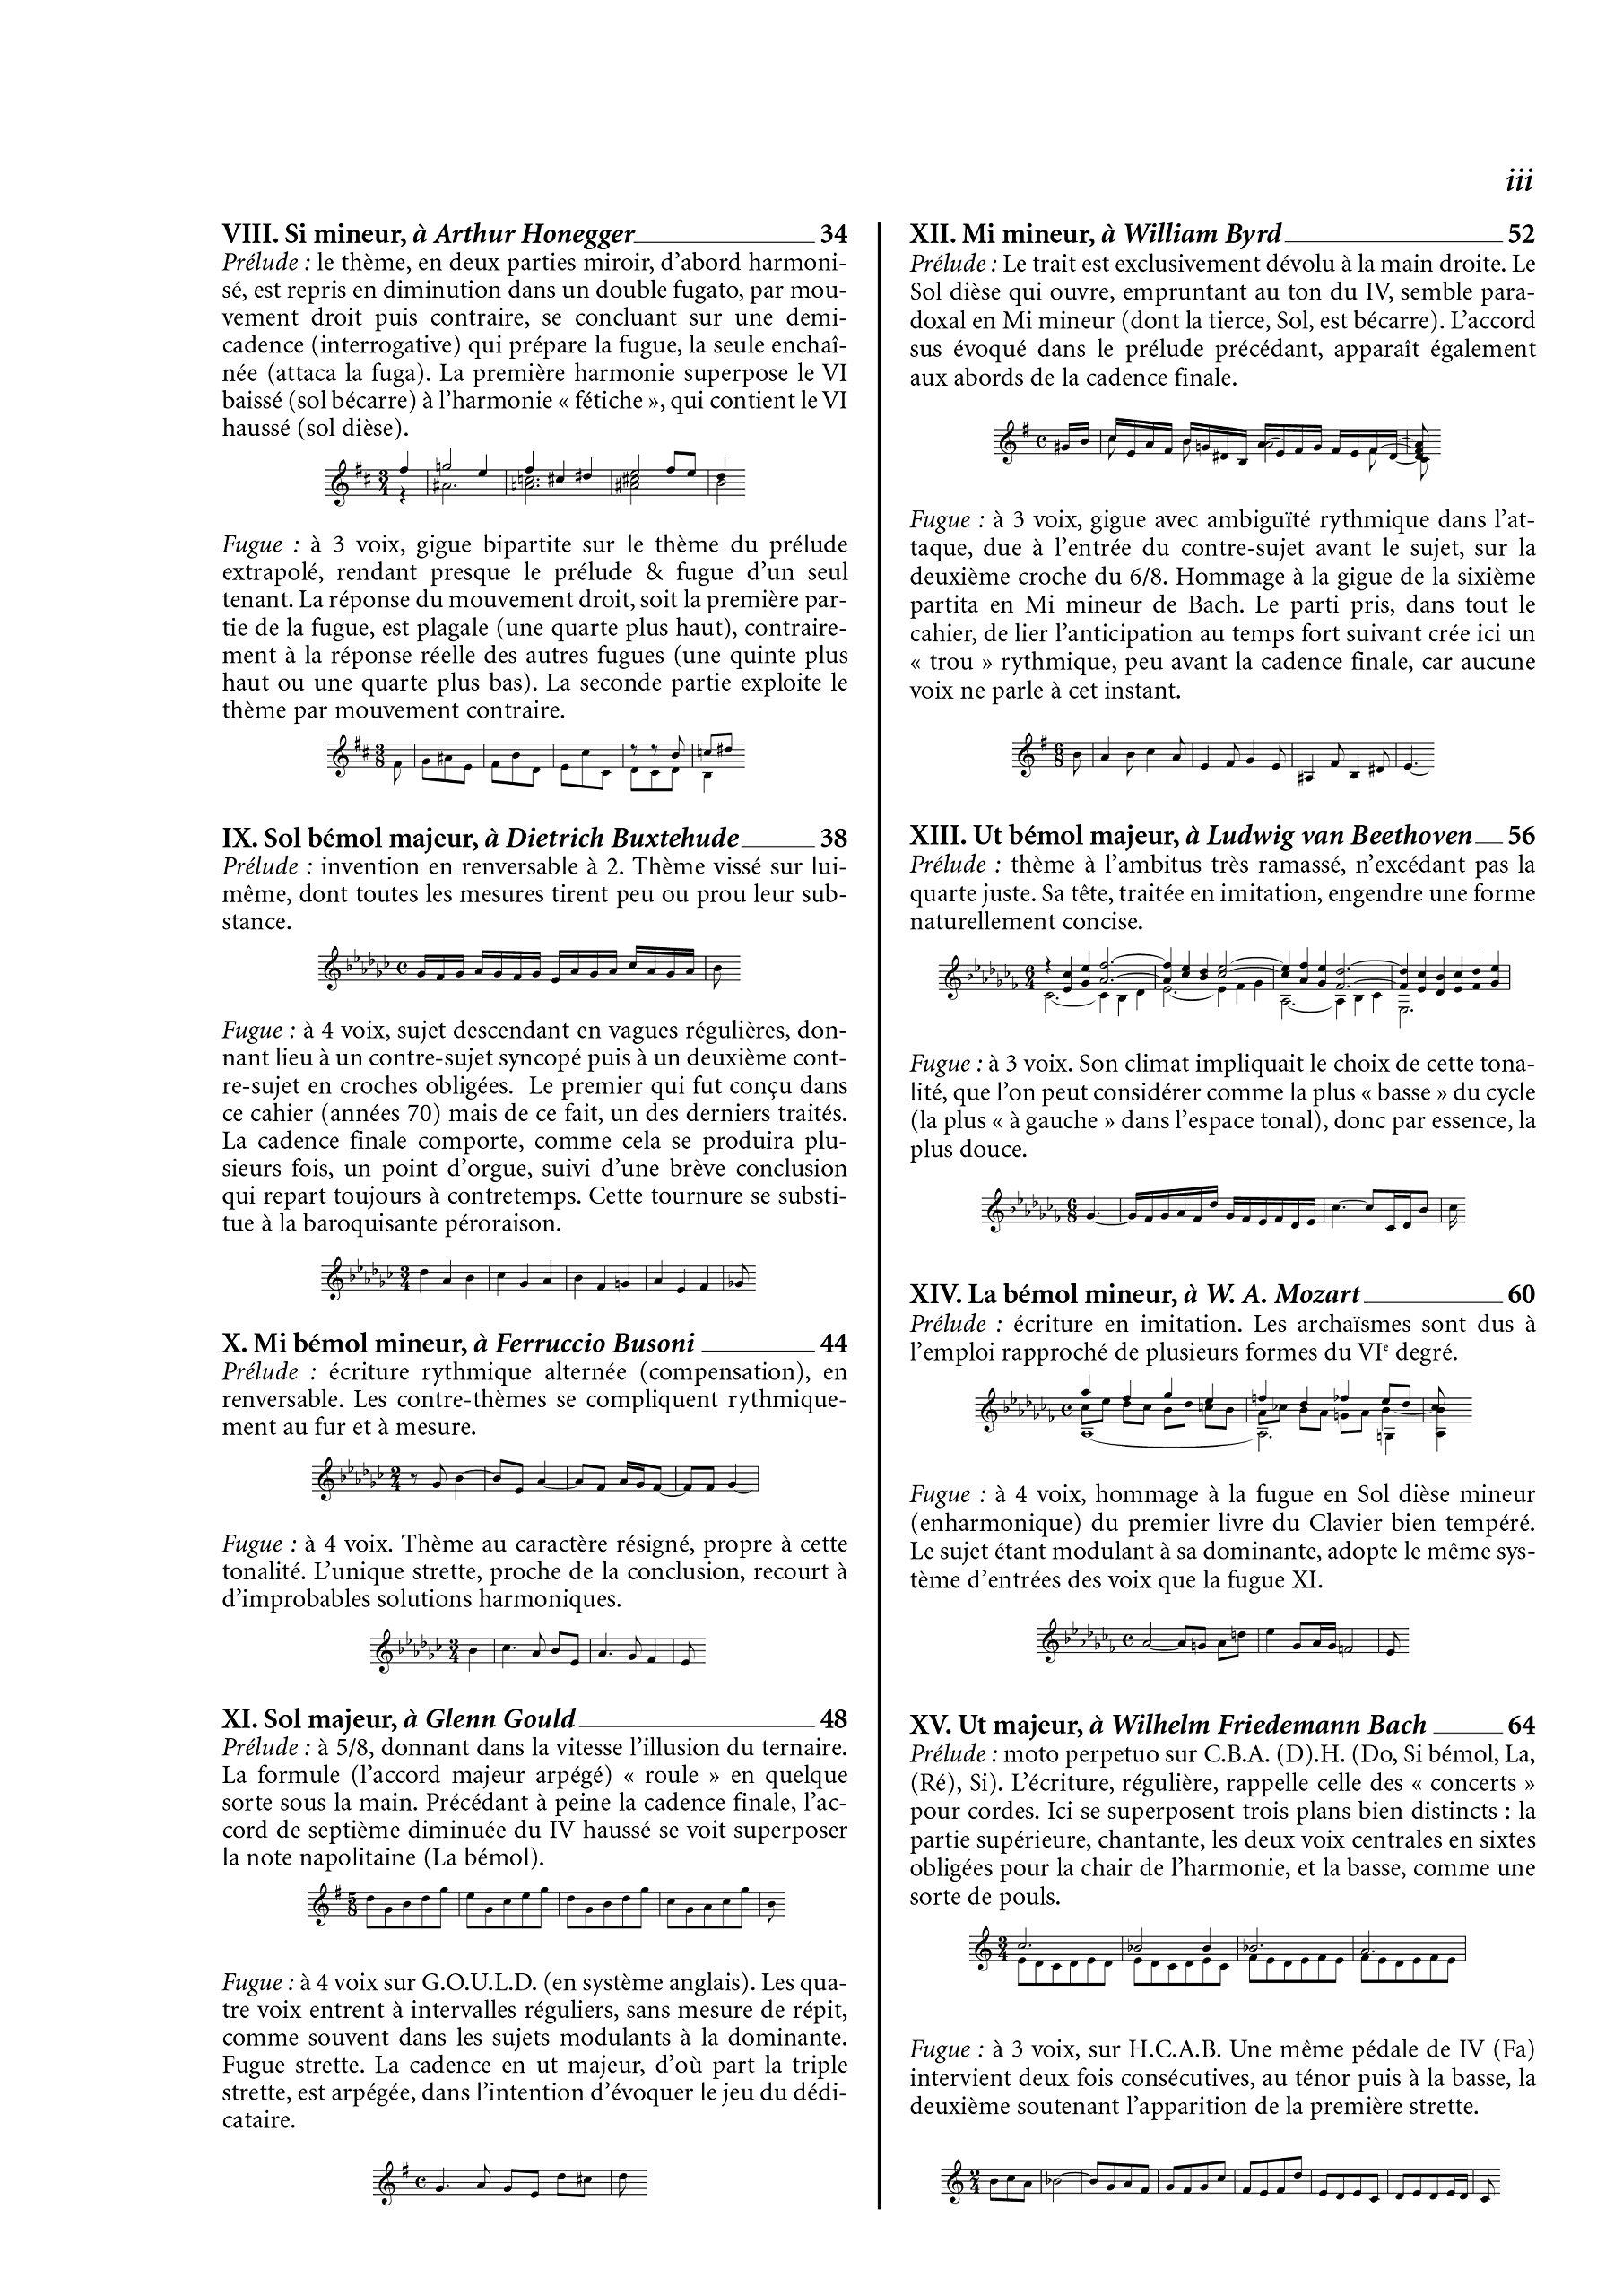 Préludes et fugues dans les trente tonalités - Book I: DELPLACE Stéphane: 9790232111094: Amazon.com: Books